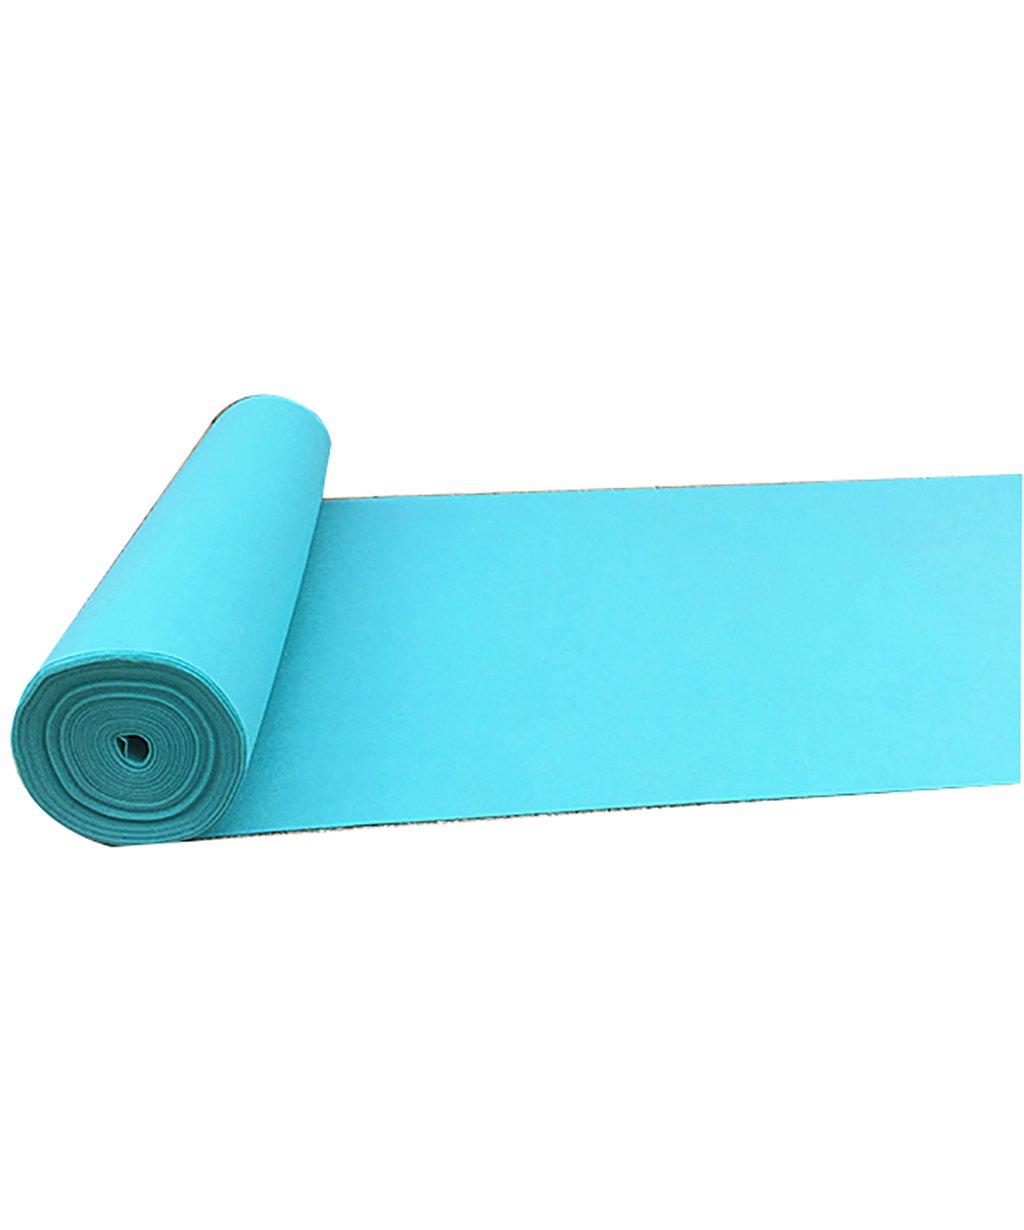 QiangDa Tappeto Nuziale Tappeti Sposa Moquette Monouso, Tessuti Non Tessuti, Cielo Blu, Spessore 2mm 12 Formati Opzionale (Dimensioni   1.2m10m2mm)